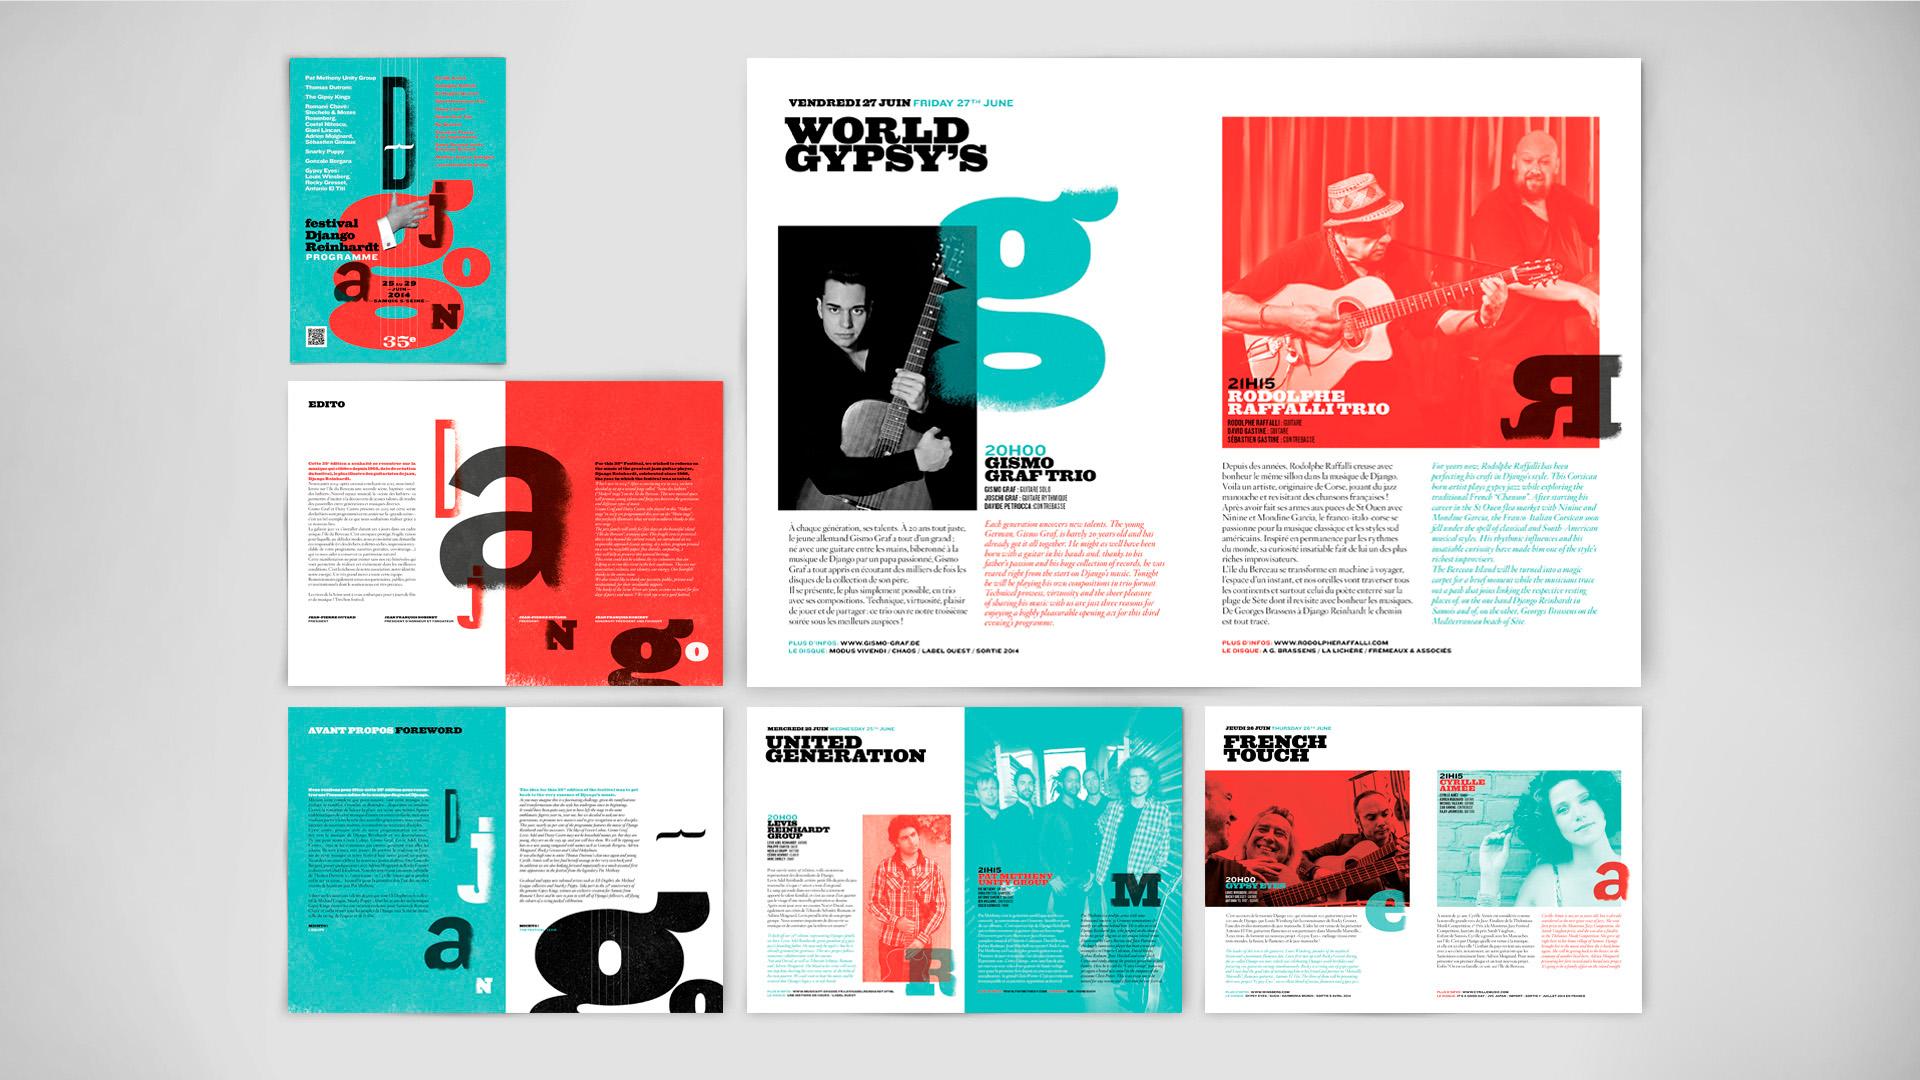 Affiche festival Django Reinhardt 2014 Samois sur Seine graphisme & illustrations pommeC pommeV Christophe Andrusin